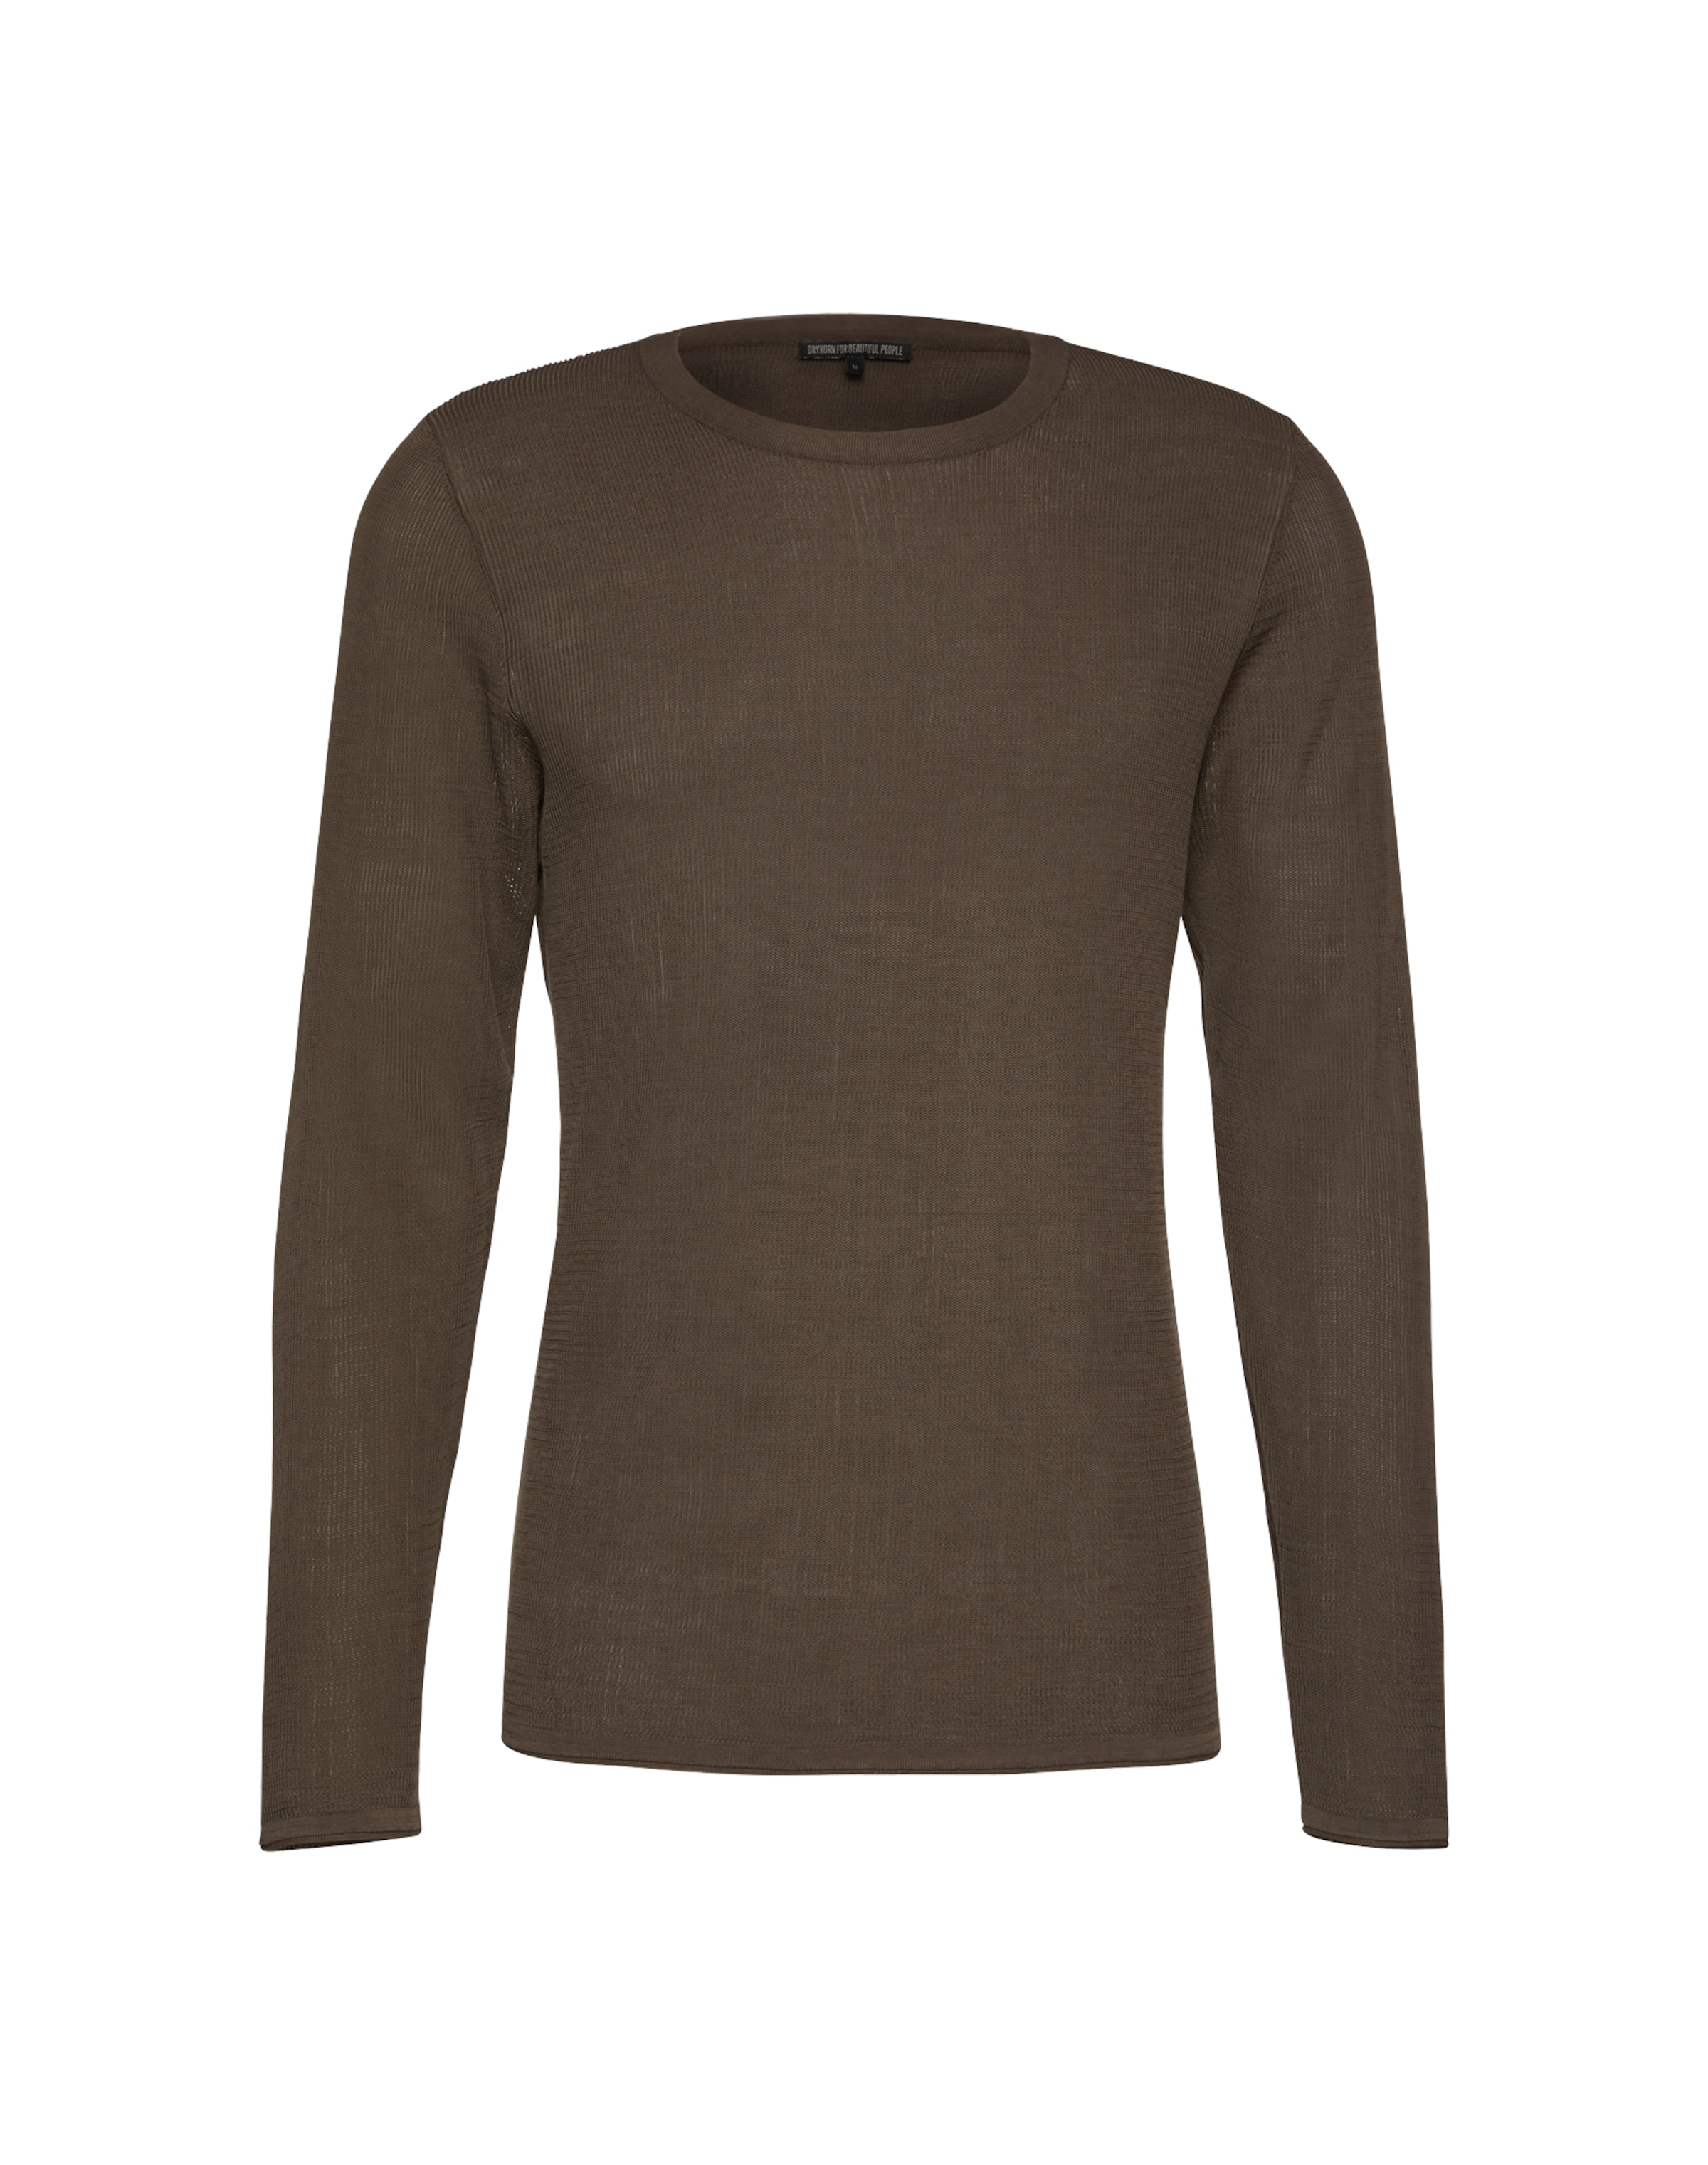 Baumwolle aus DRYKORN Baumwolle aus Pullover Pullover DRYKORN 'Heath' qOwfv7